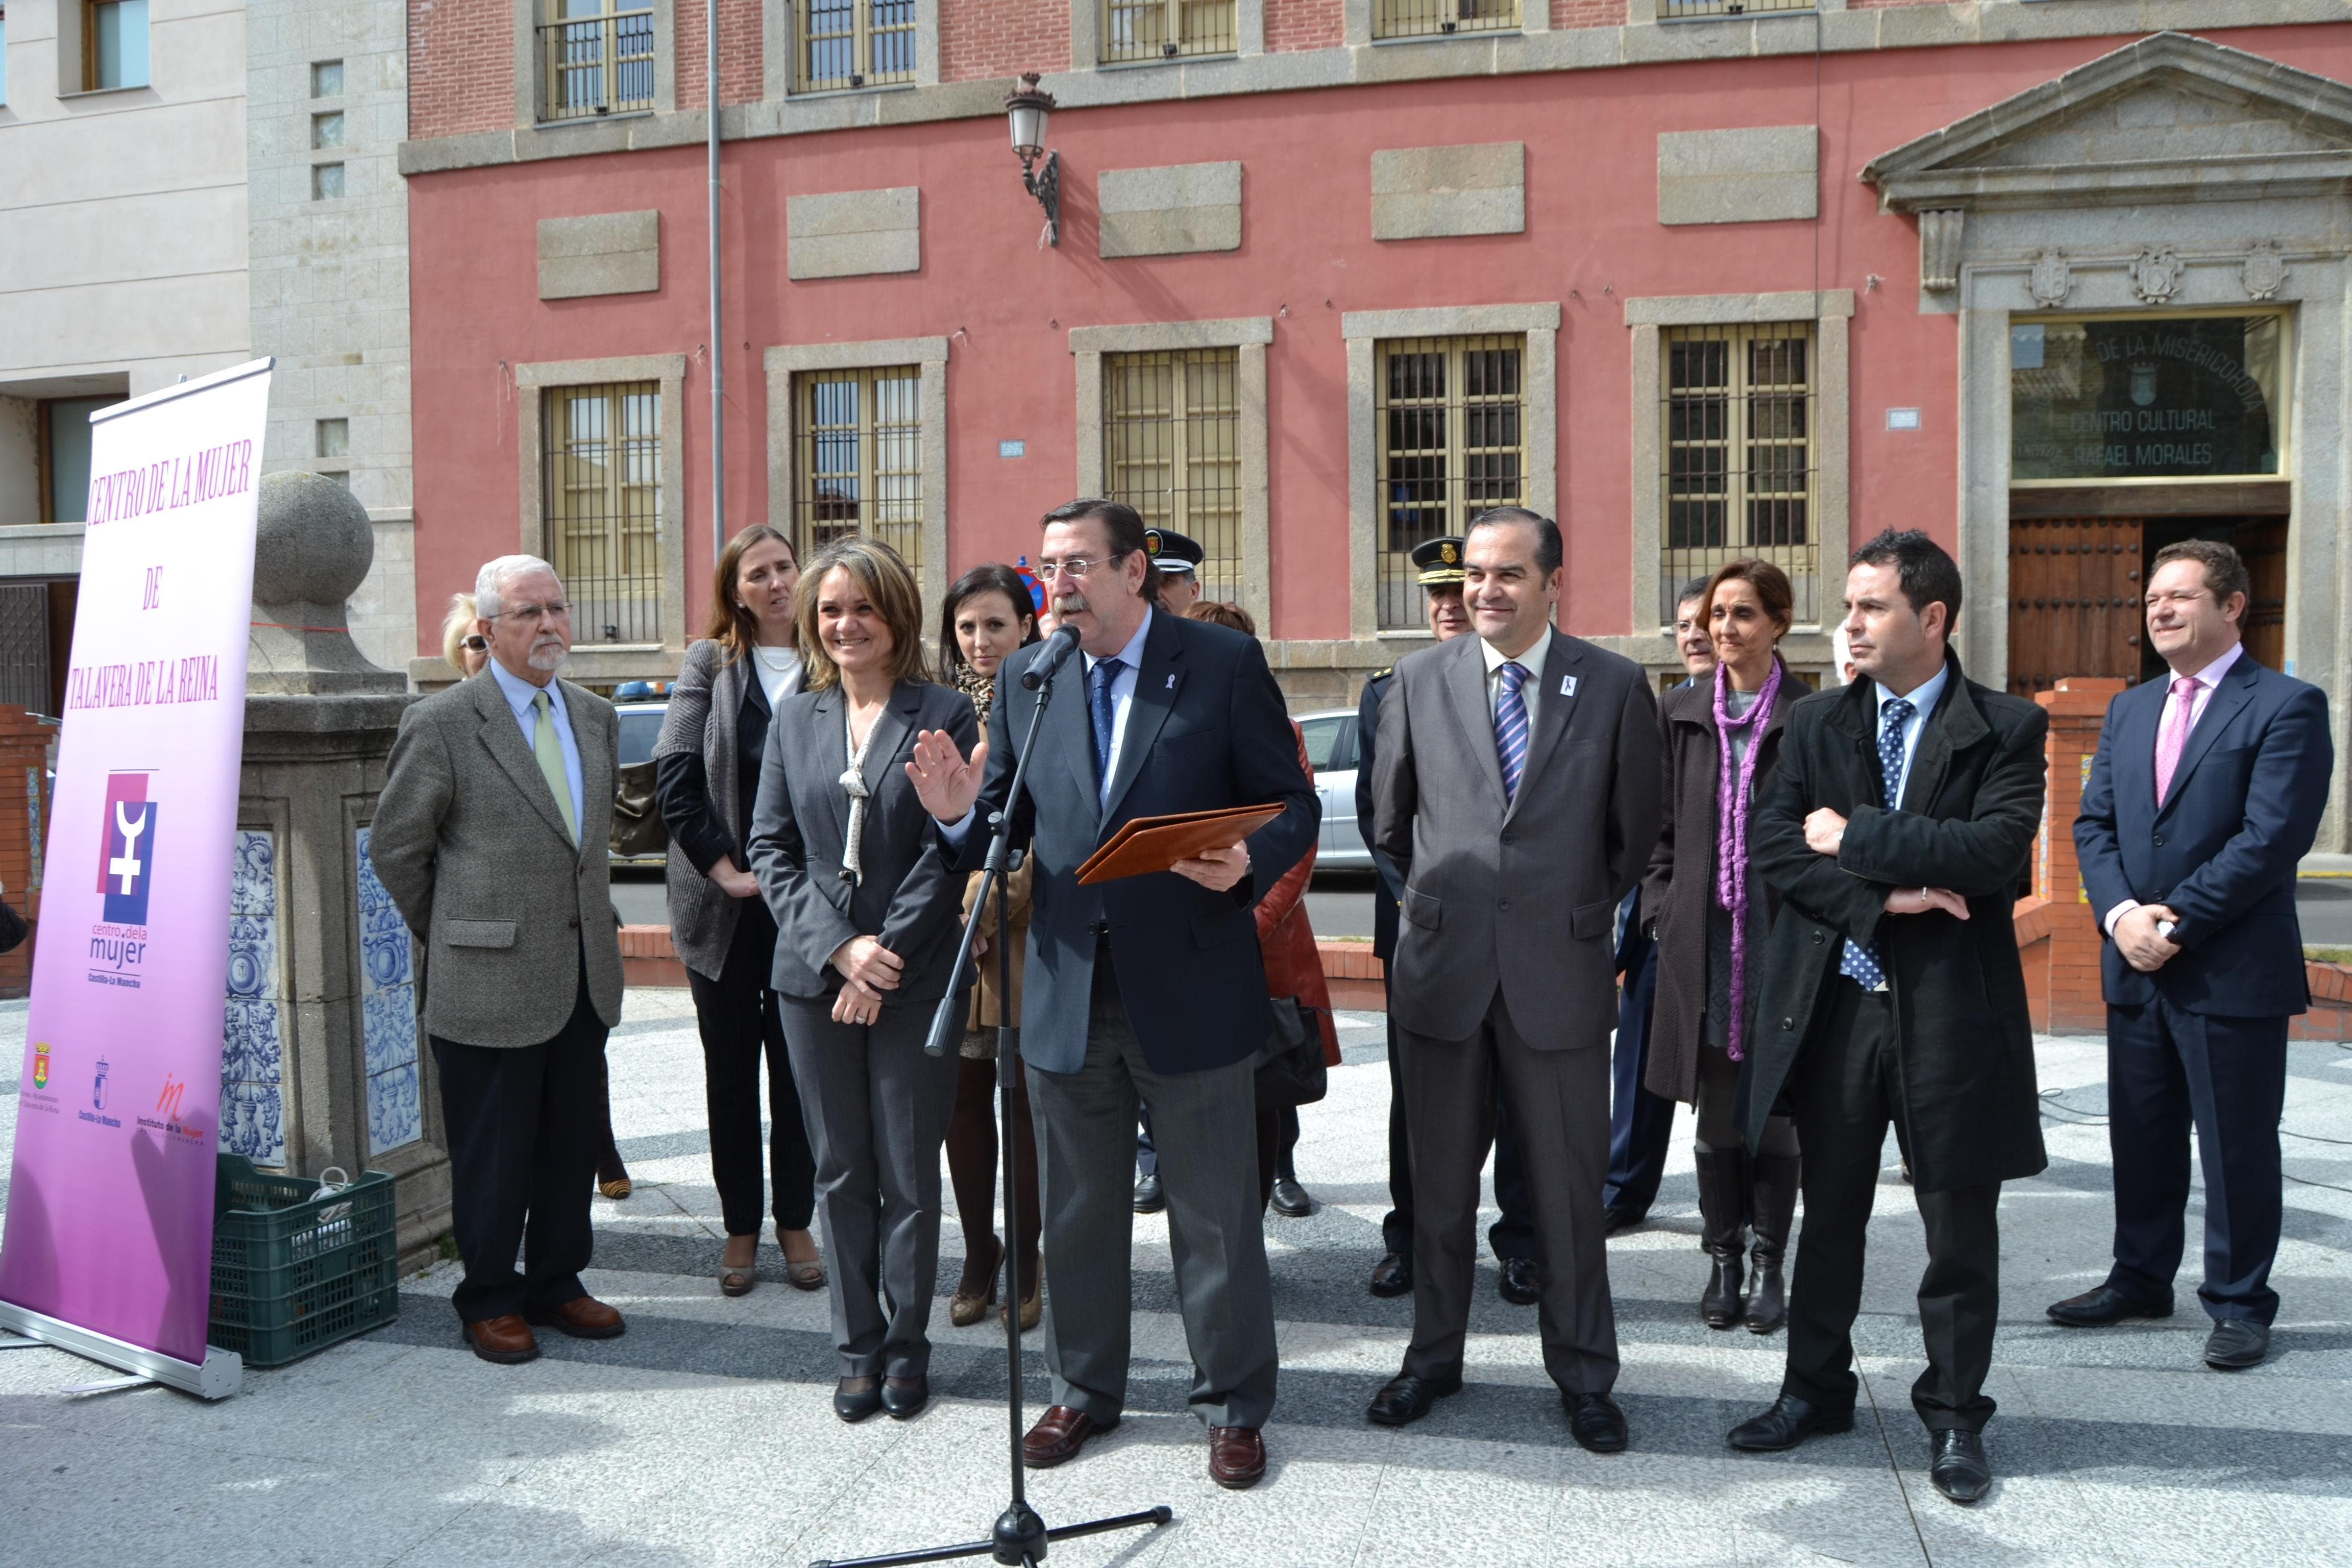 El Alcalde apela a la unión de la administración y la sociedad para alcanzar una mayor igualdad